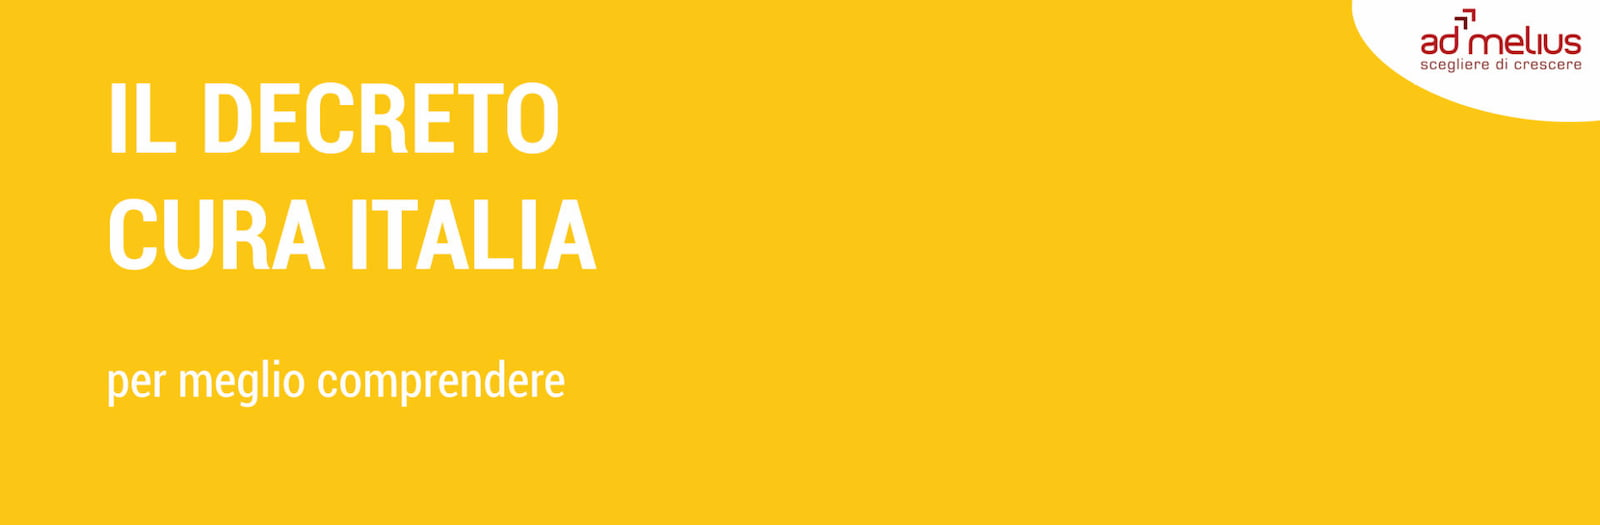 INAIL: VALIDAZIONE STRAORDINARIA DEI DPI – DECRETO CURA ITALIA